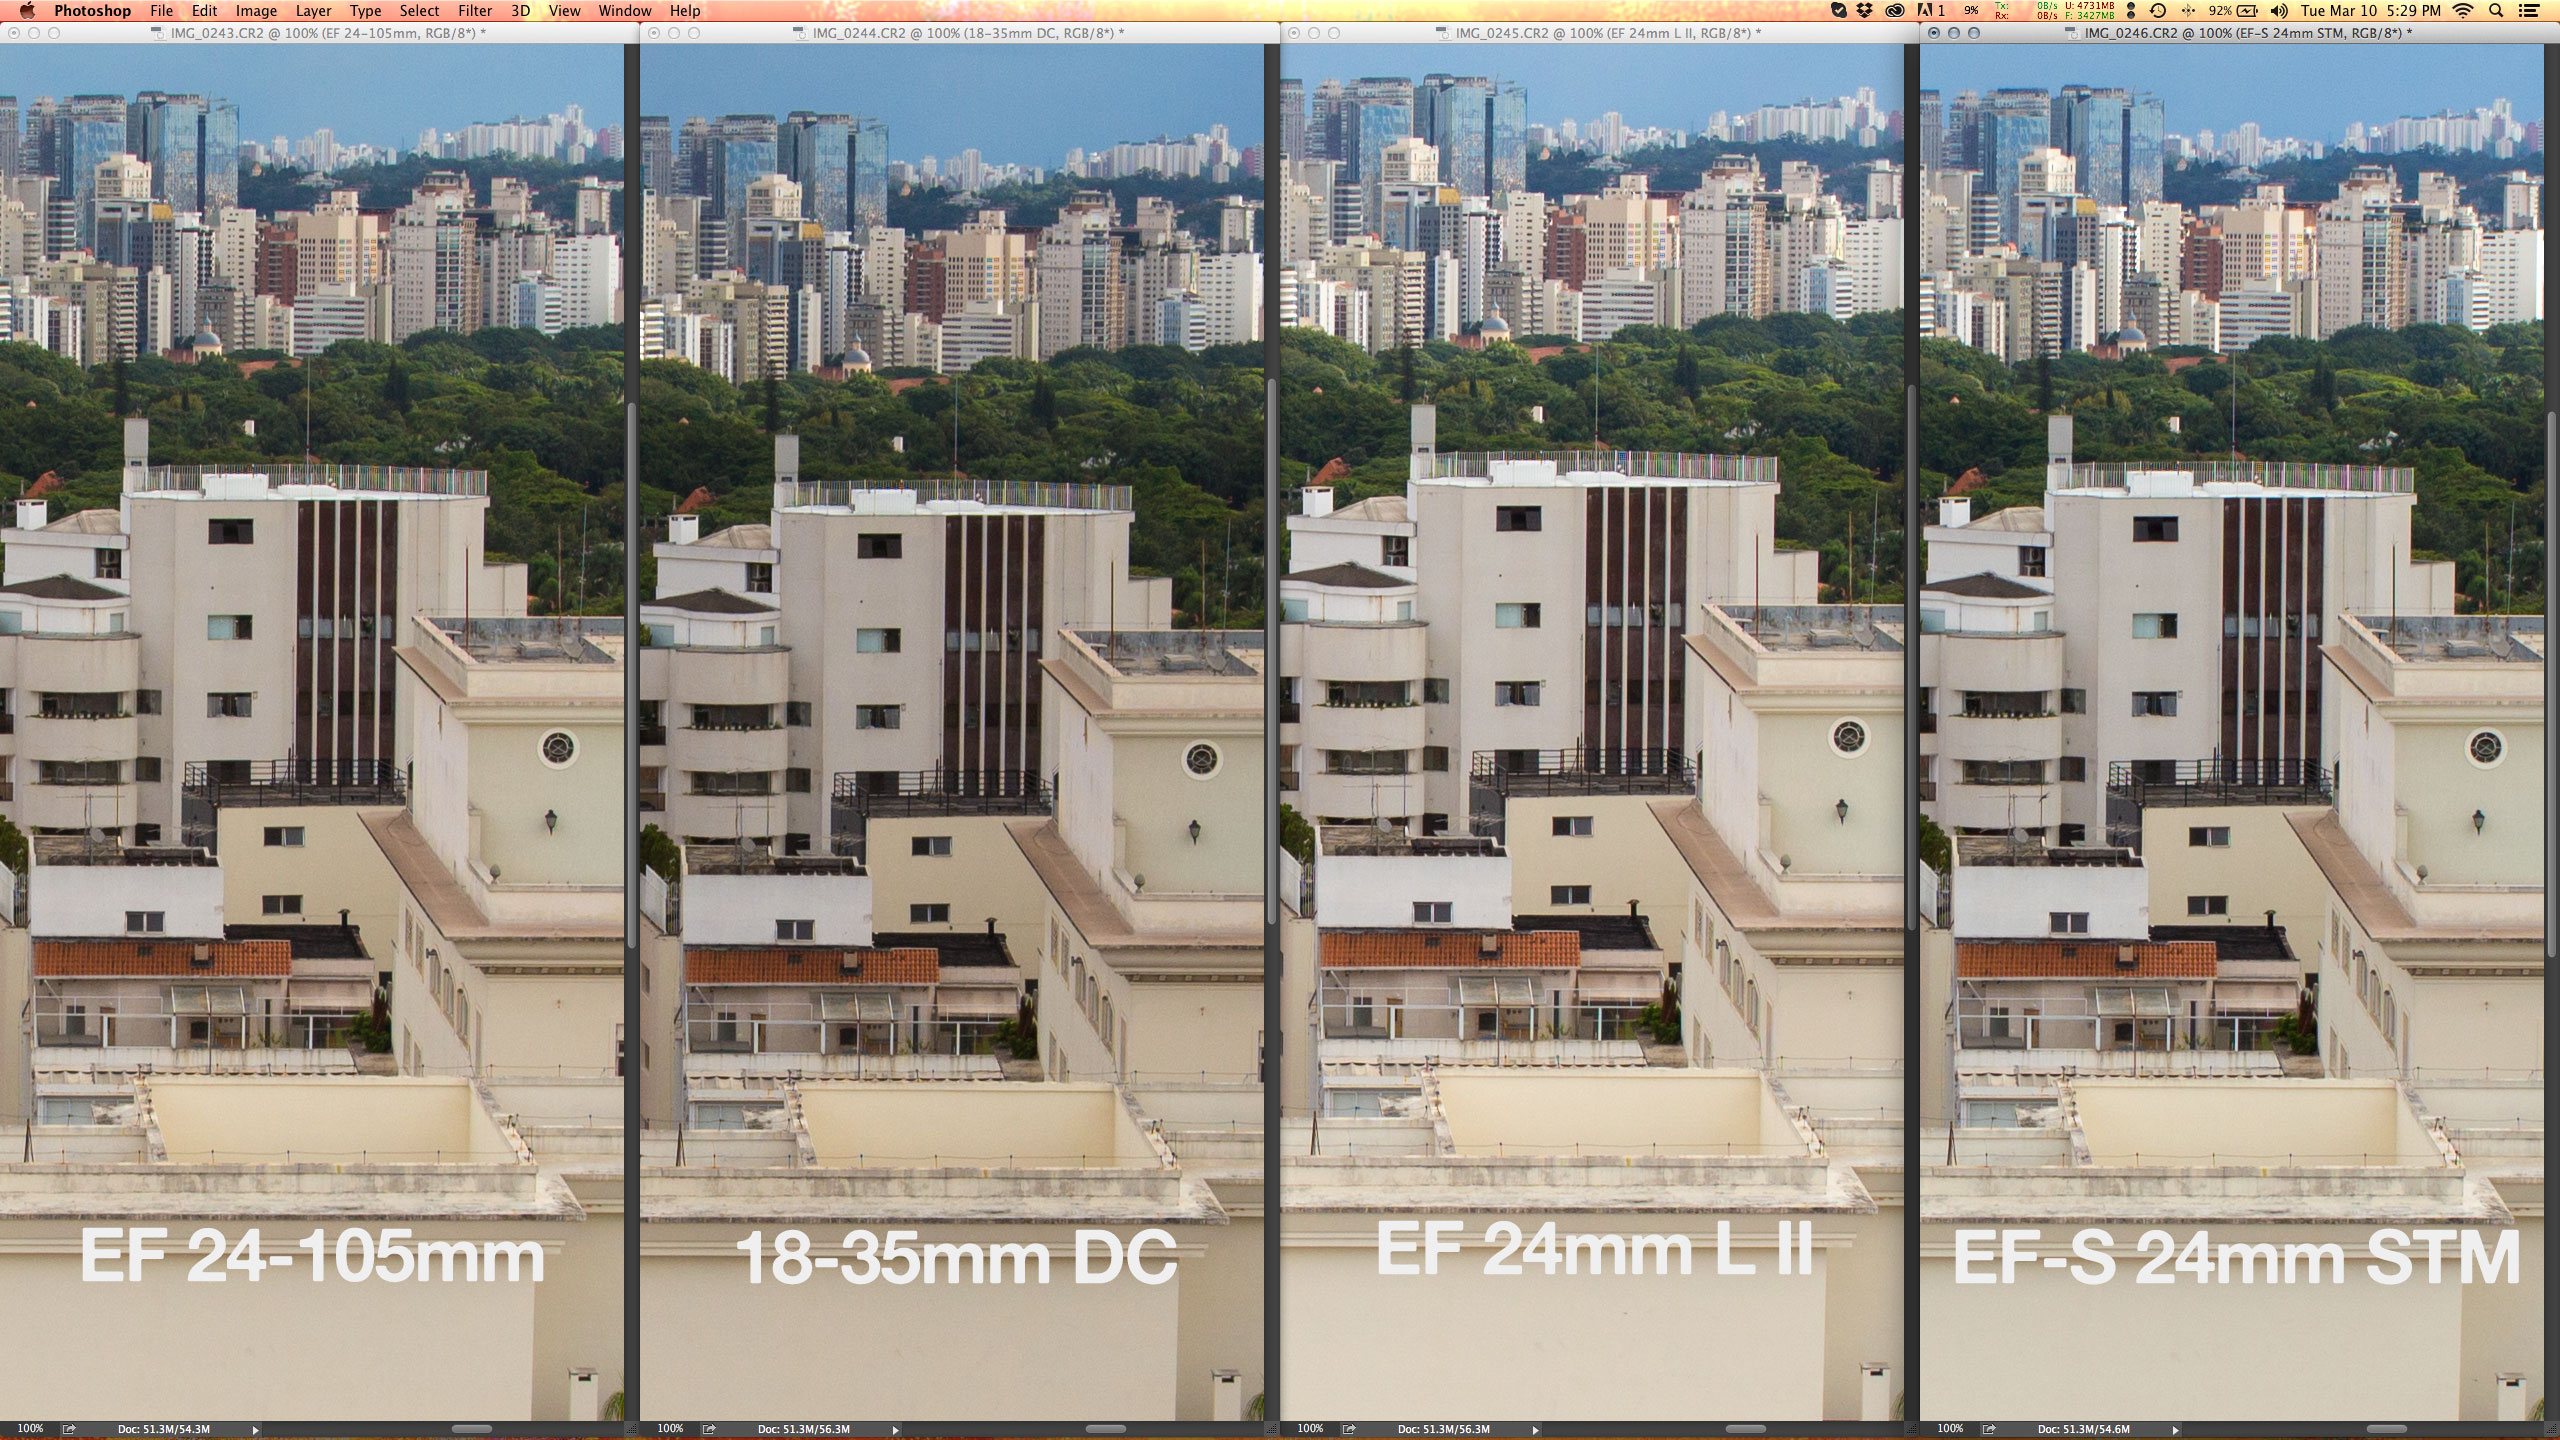 No centro não há nada o que comentar: todas as objetivas são idênticas at f/6.7. Apenas o projeto mais complexo da Sigma é 1/3 de stop mais escuro com os mesmos valores de exposição.